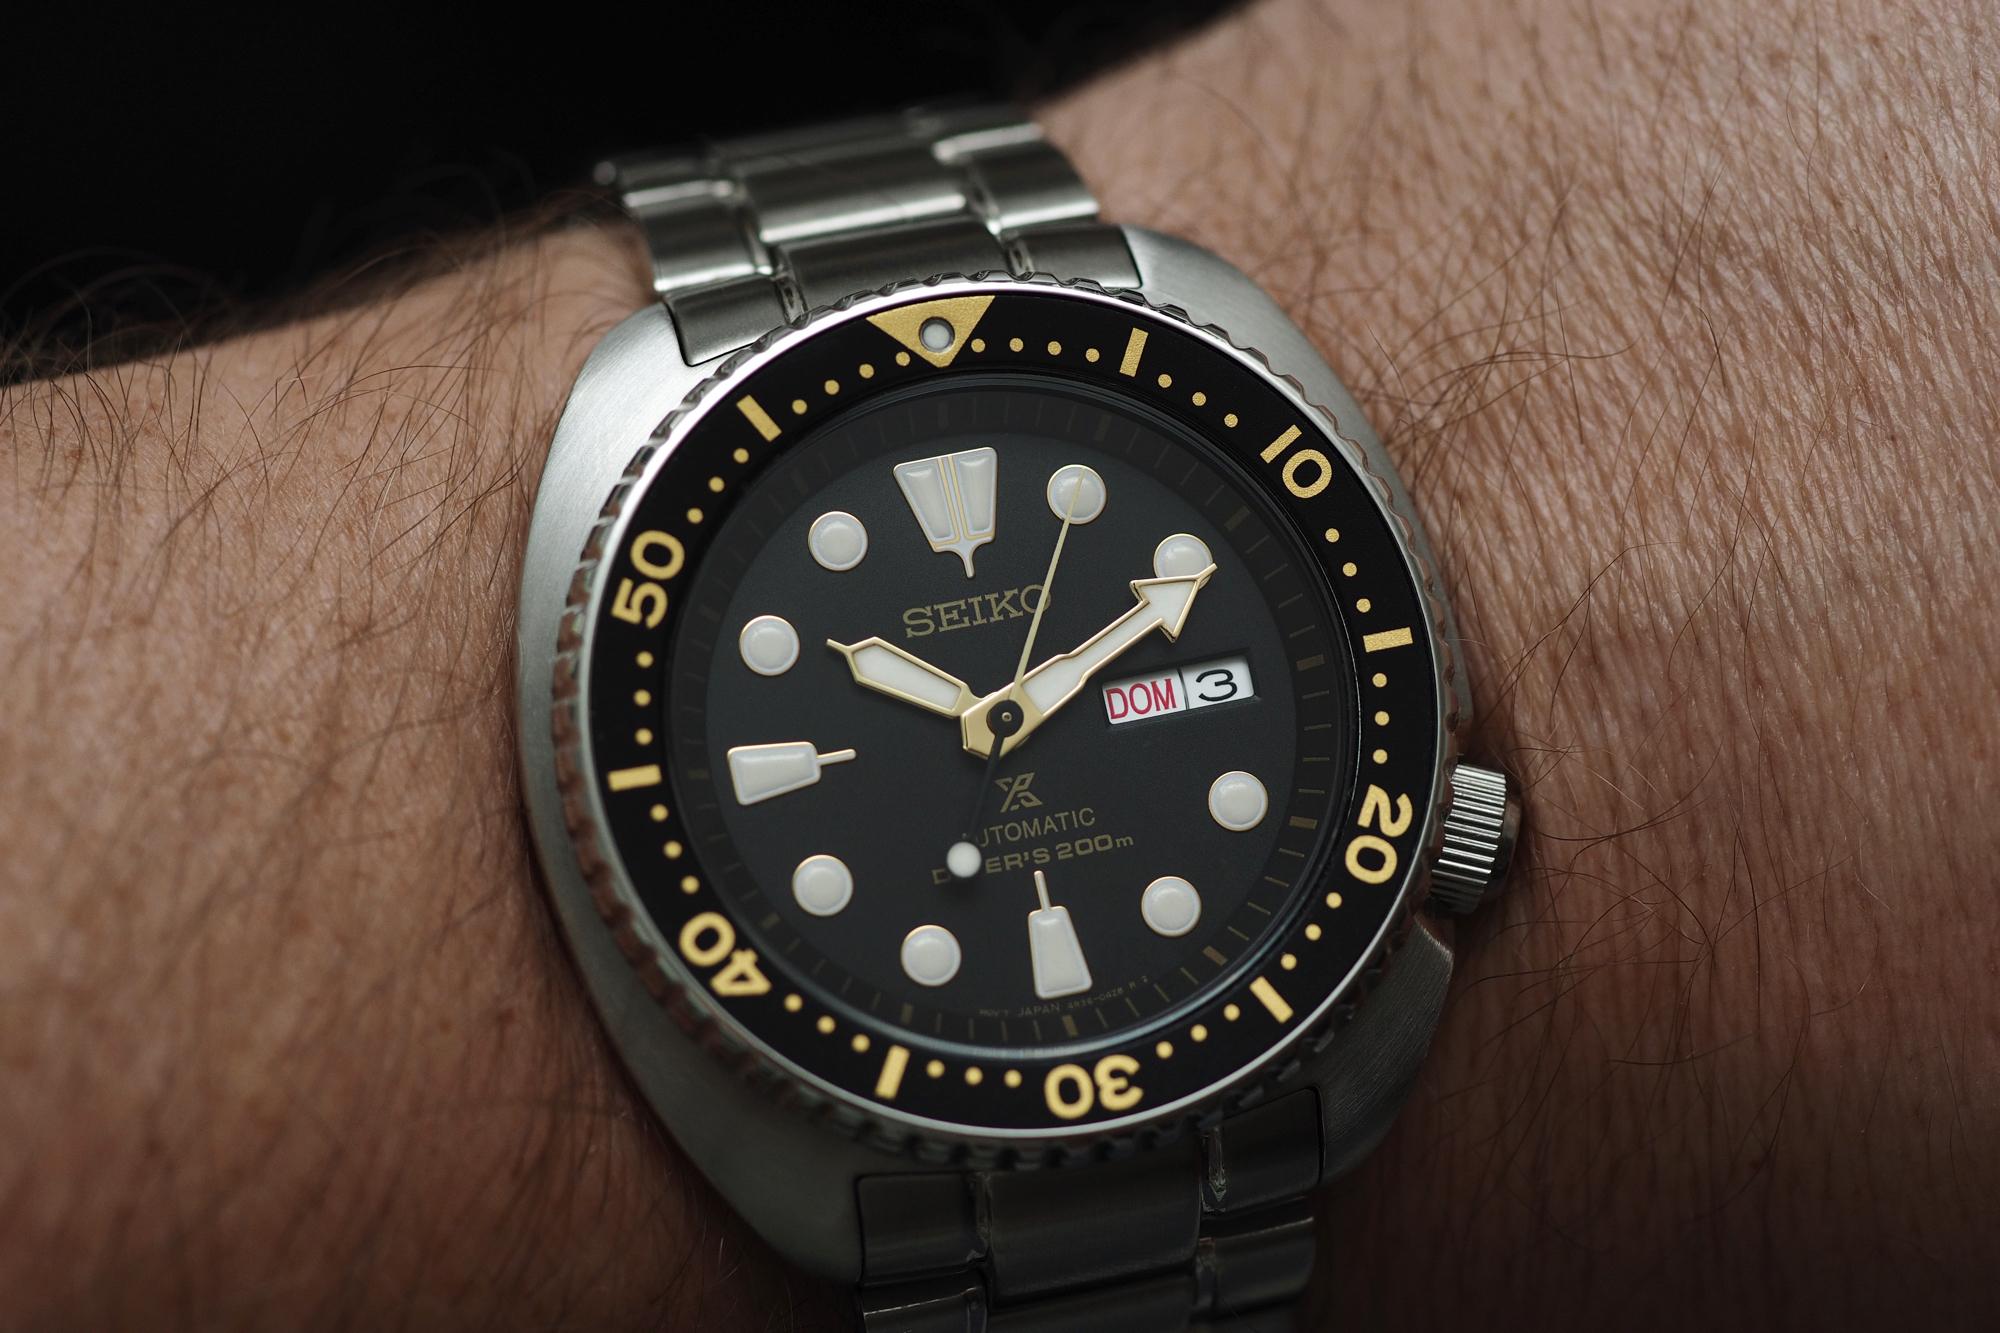 REVIEW: Seiko Prospex SRP775 Diver